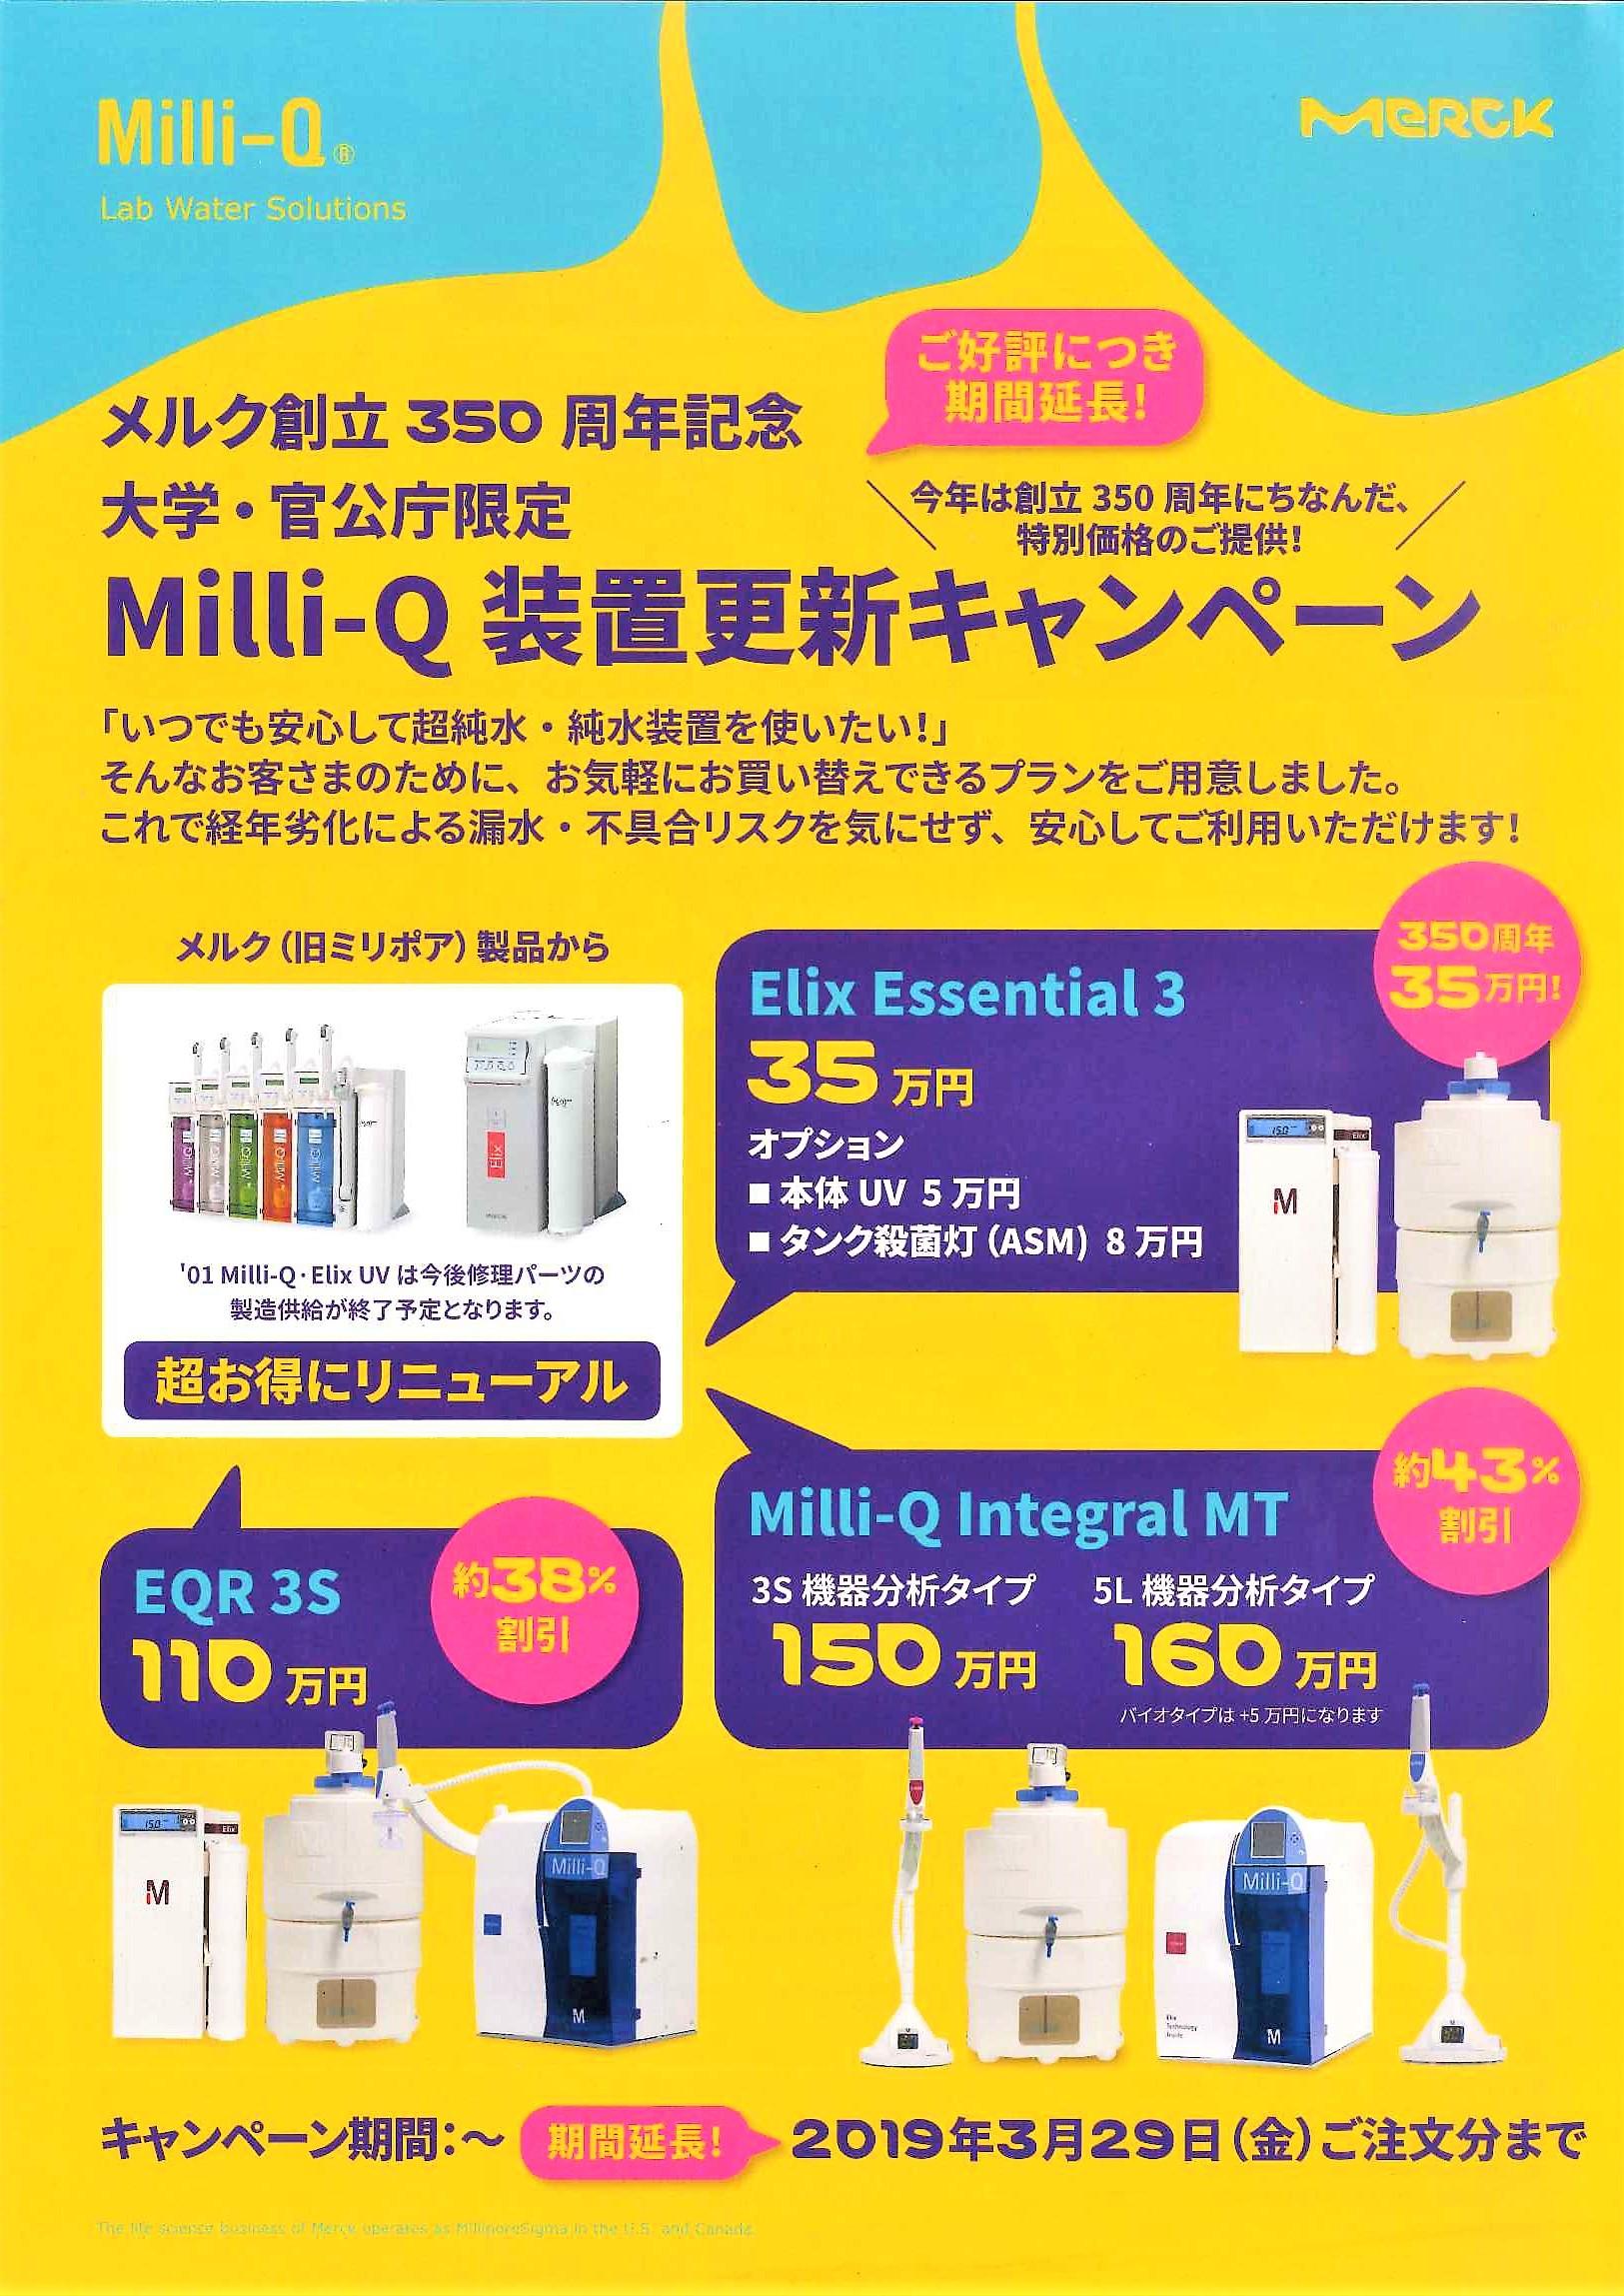 【終了】メルク創立350周年記念 大学・公官庁限定 MilliQ装置更新キャンペーン!